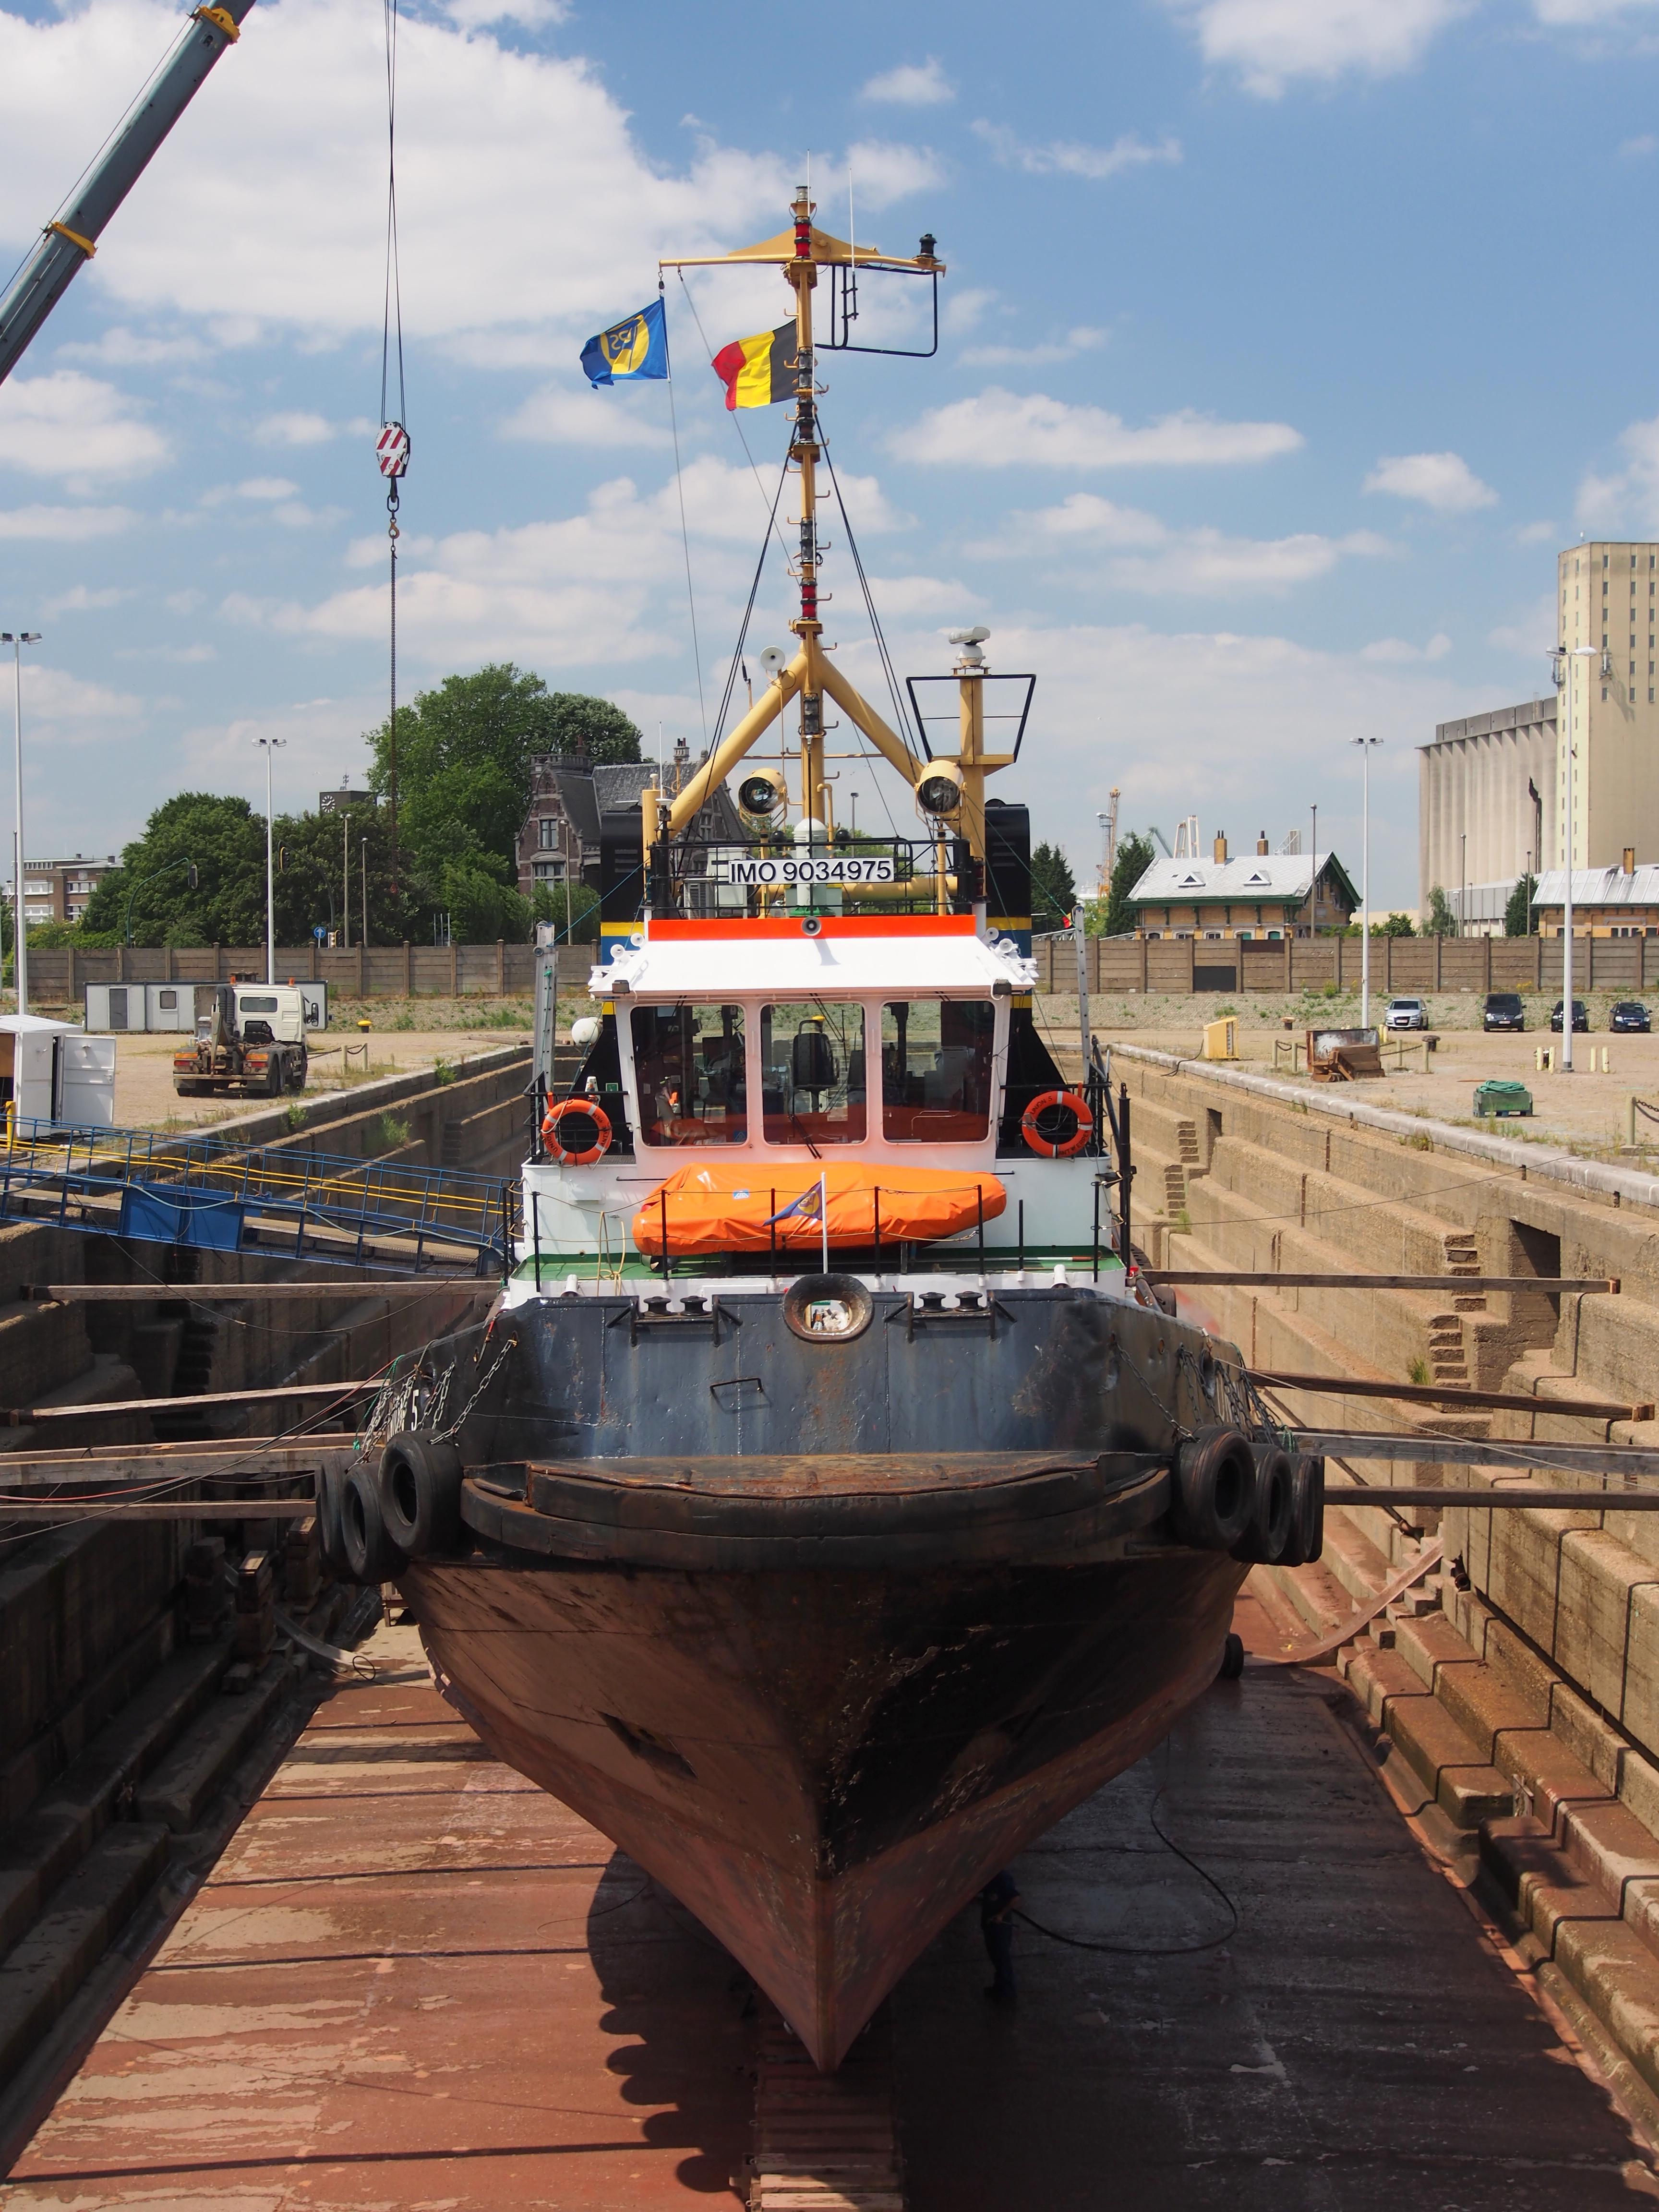 File Union 5 Imo 9034975 Droogdok In De Haven Van Antwerpen Pic2 Jpg Wikimedia Commons